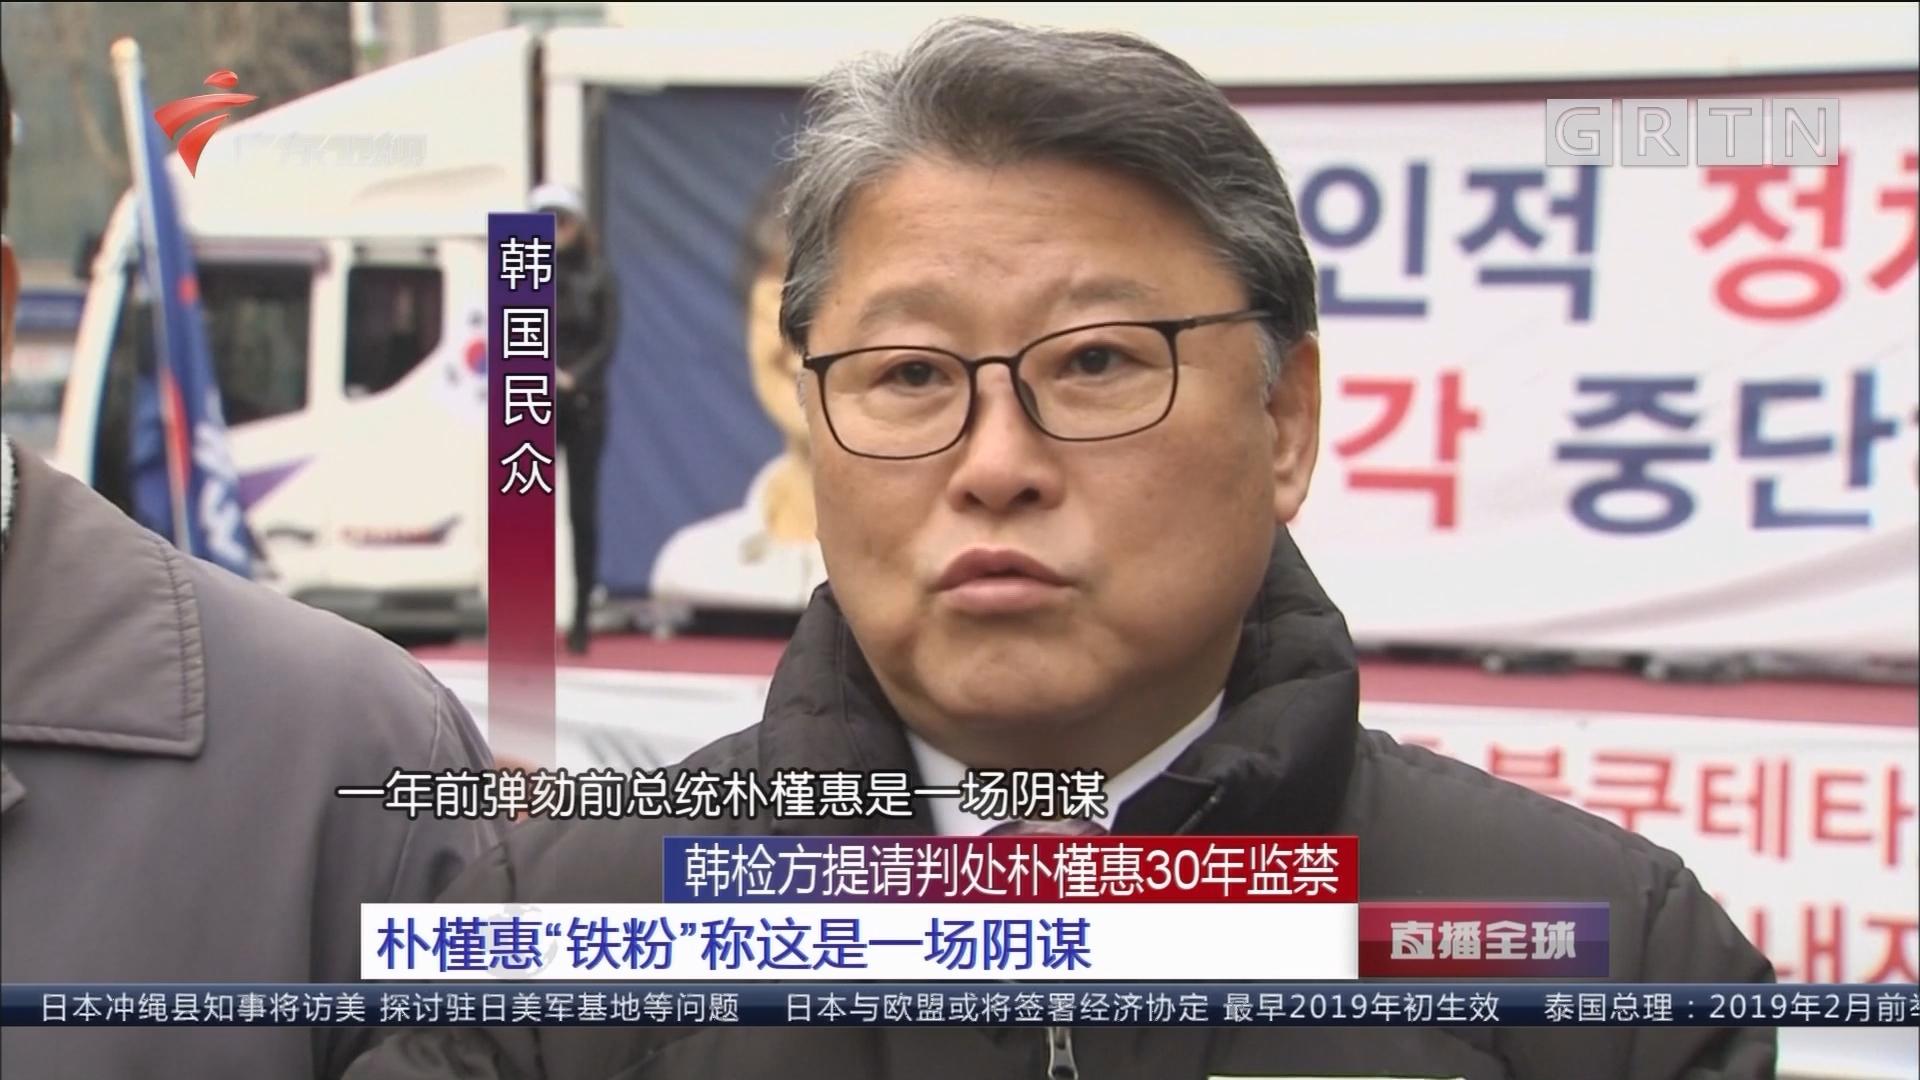 韩检方提请判处朴槿惠30年监禁:涉嫌21项罪名 扰乱国家纲纪